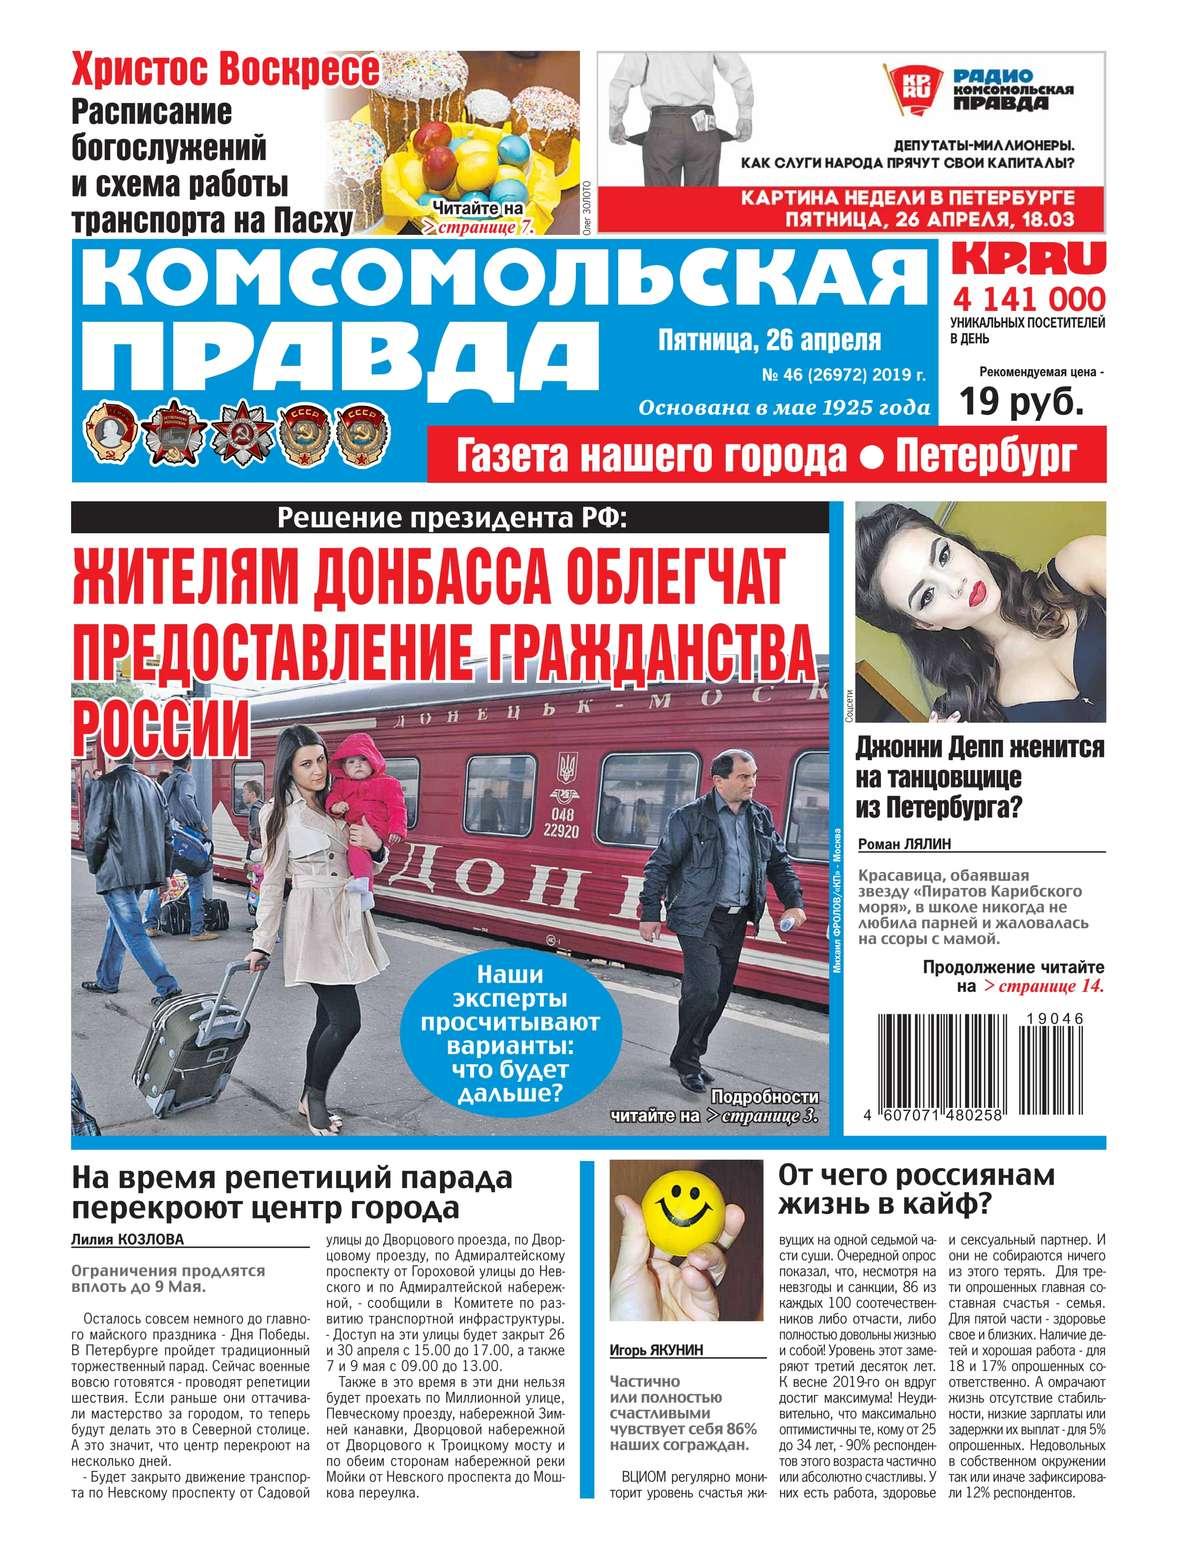 Комсомольская Правда. Санкт-Петербург 46-2019